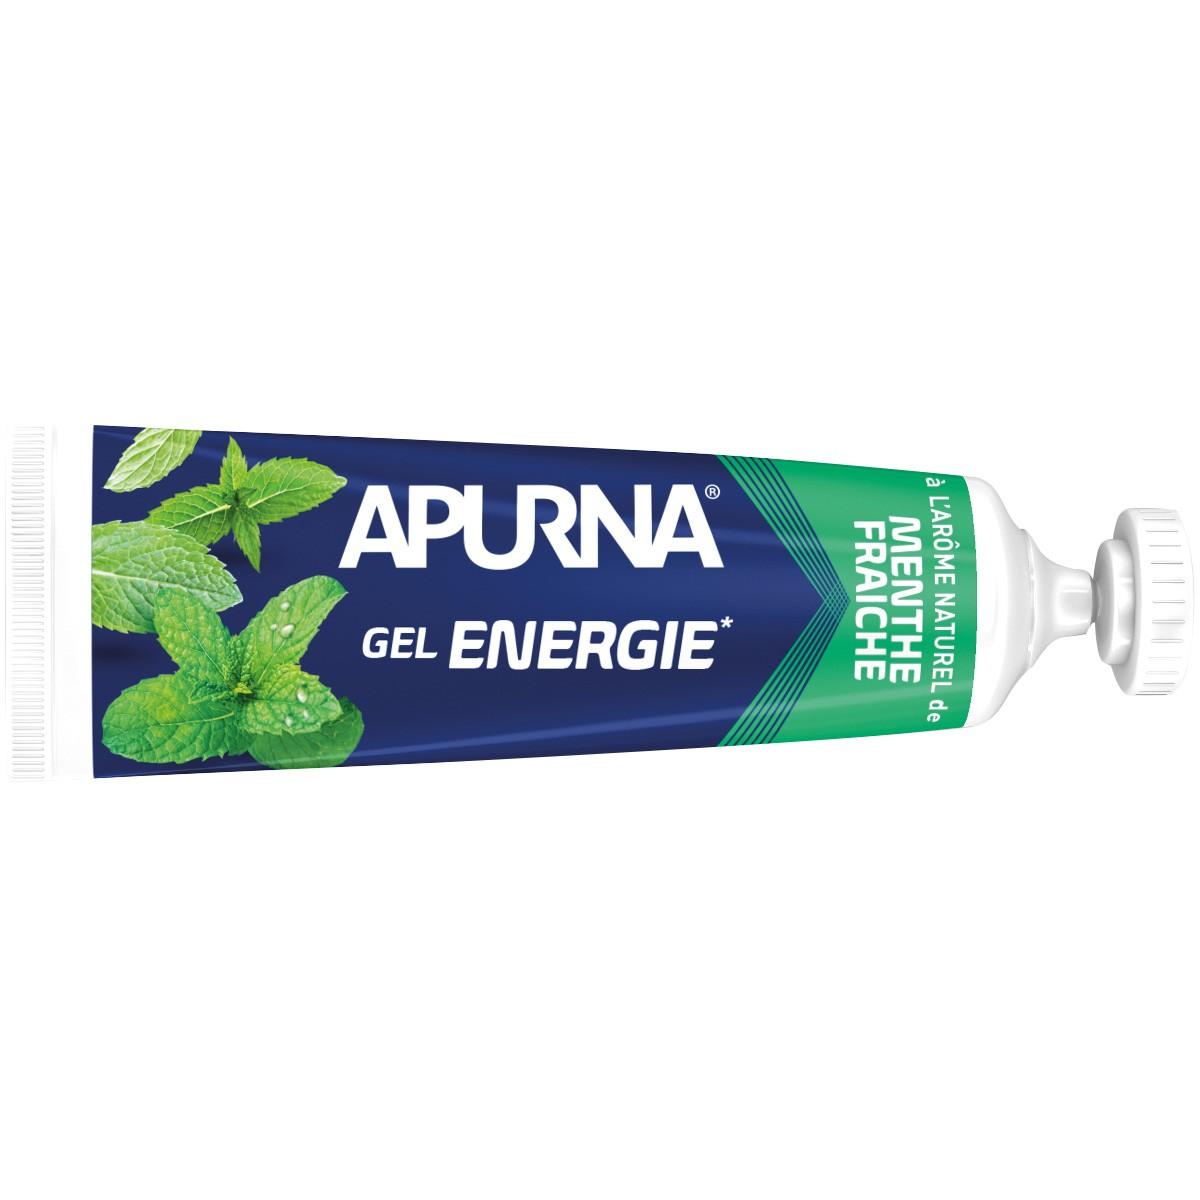 GEL ENERGIE APURNA 35G - 2H D'EFFORT - AROME MENTHE FRAICHE